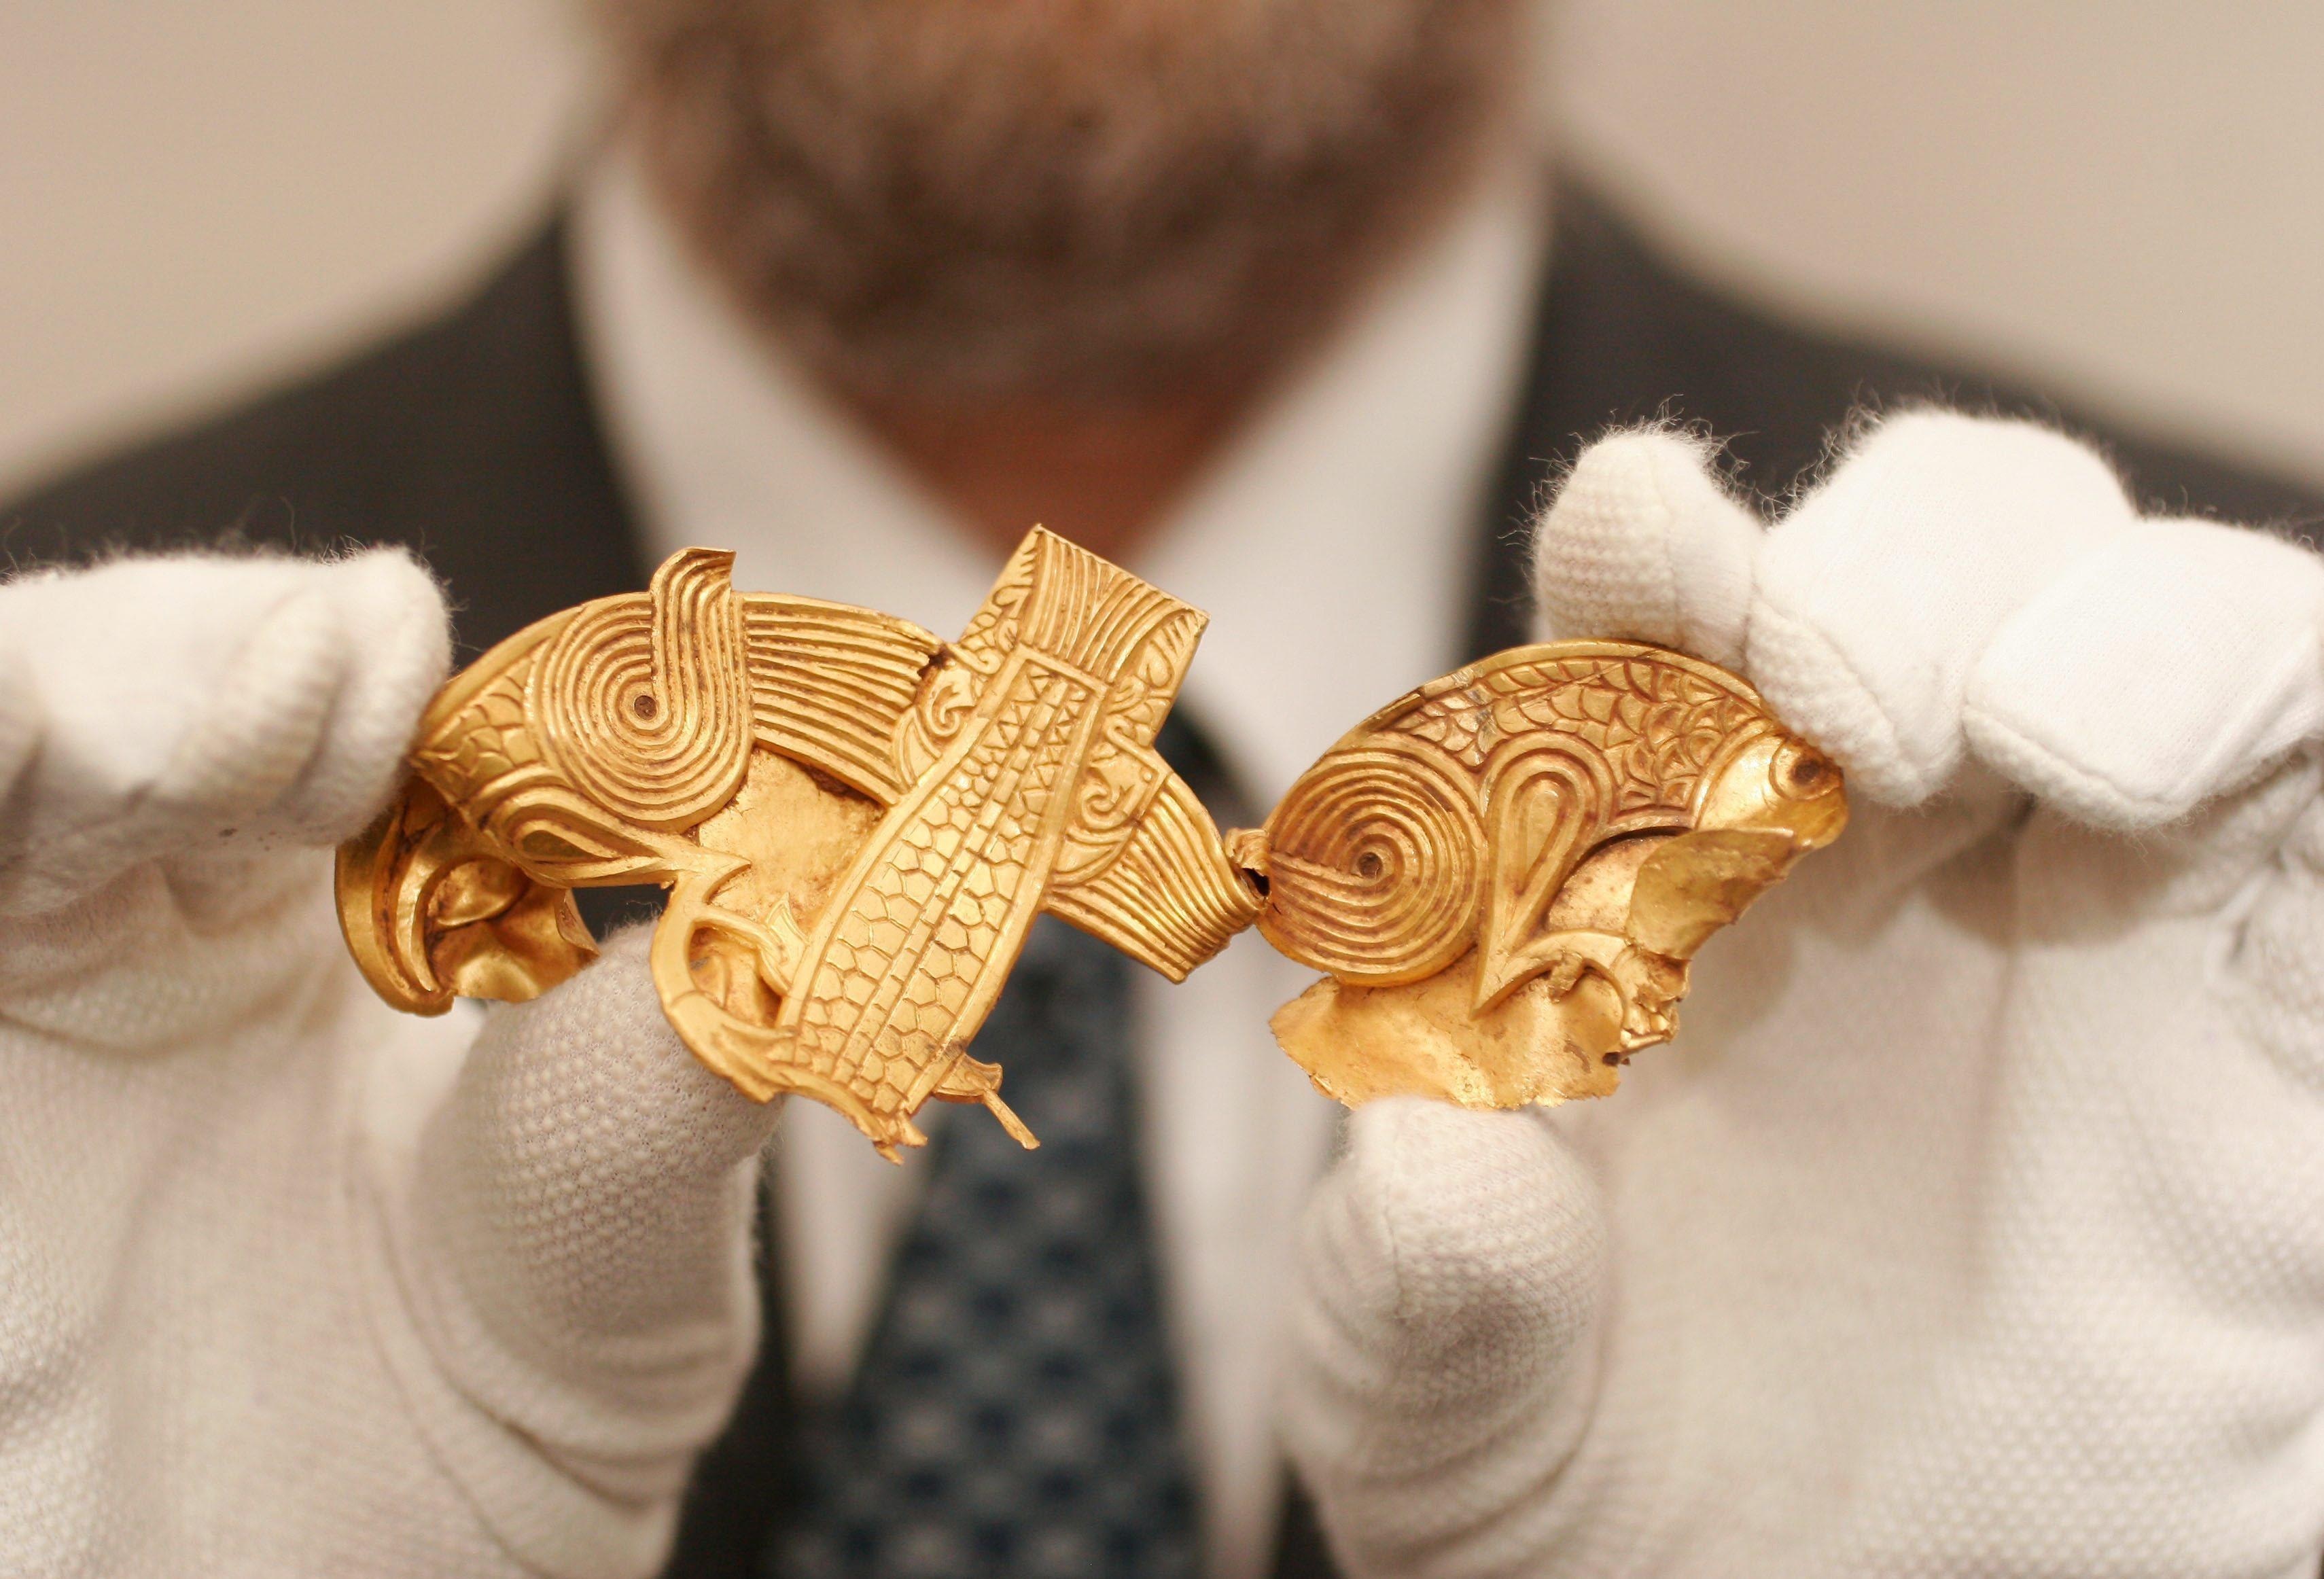 Una placa de oro con dos águilas separadas por peces en el tesoro de Staffordshire